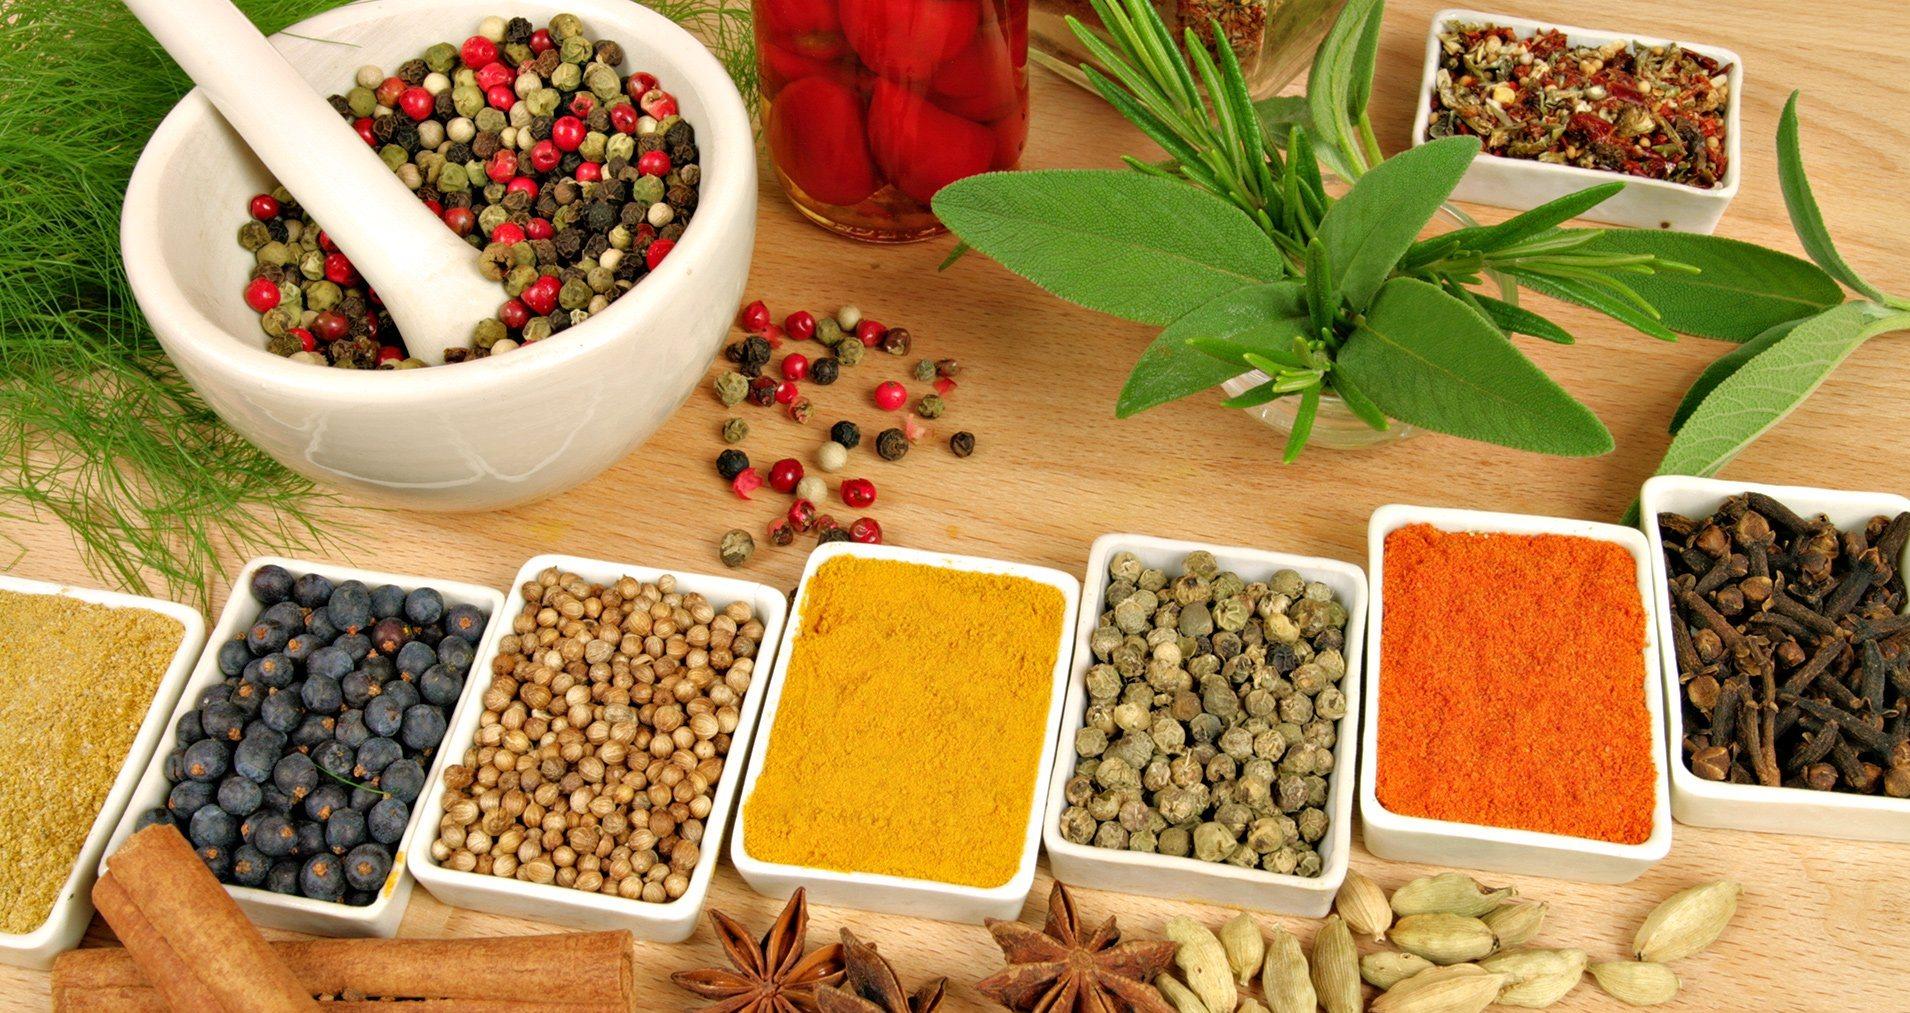 Livro digital gratuito reúne informações sobre 383 espécies de plantas medicinais